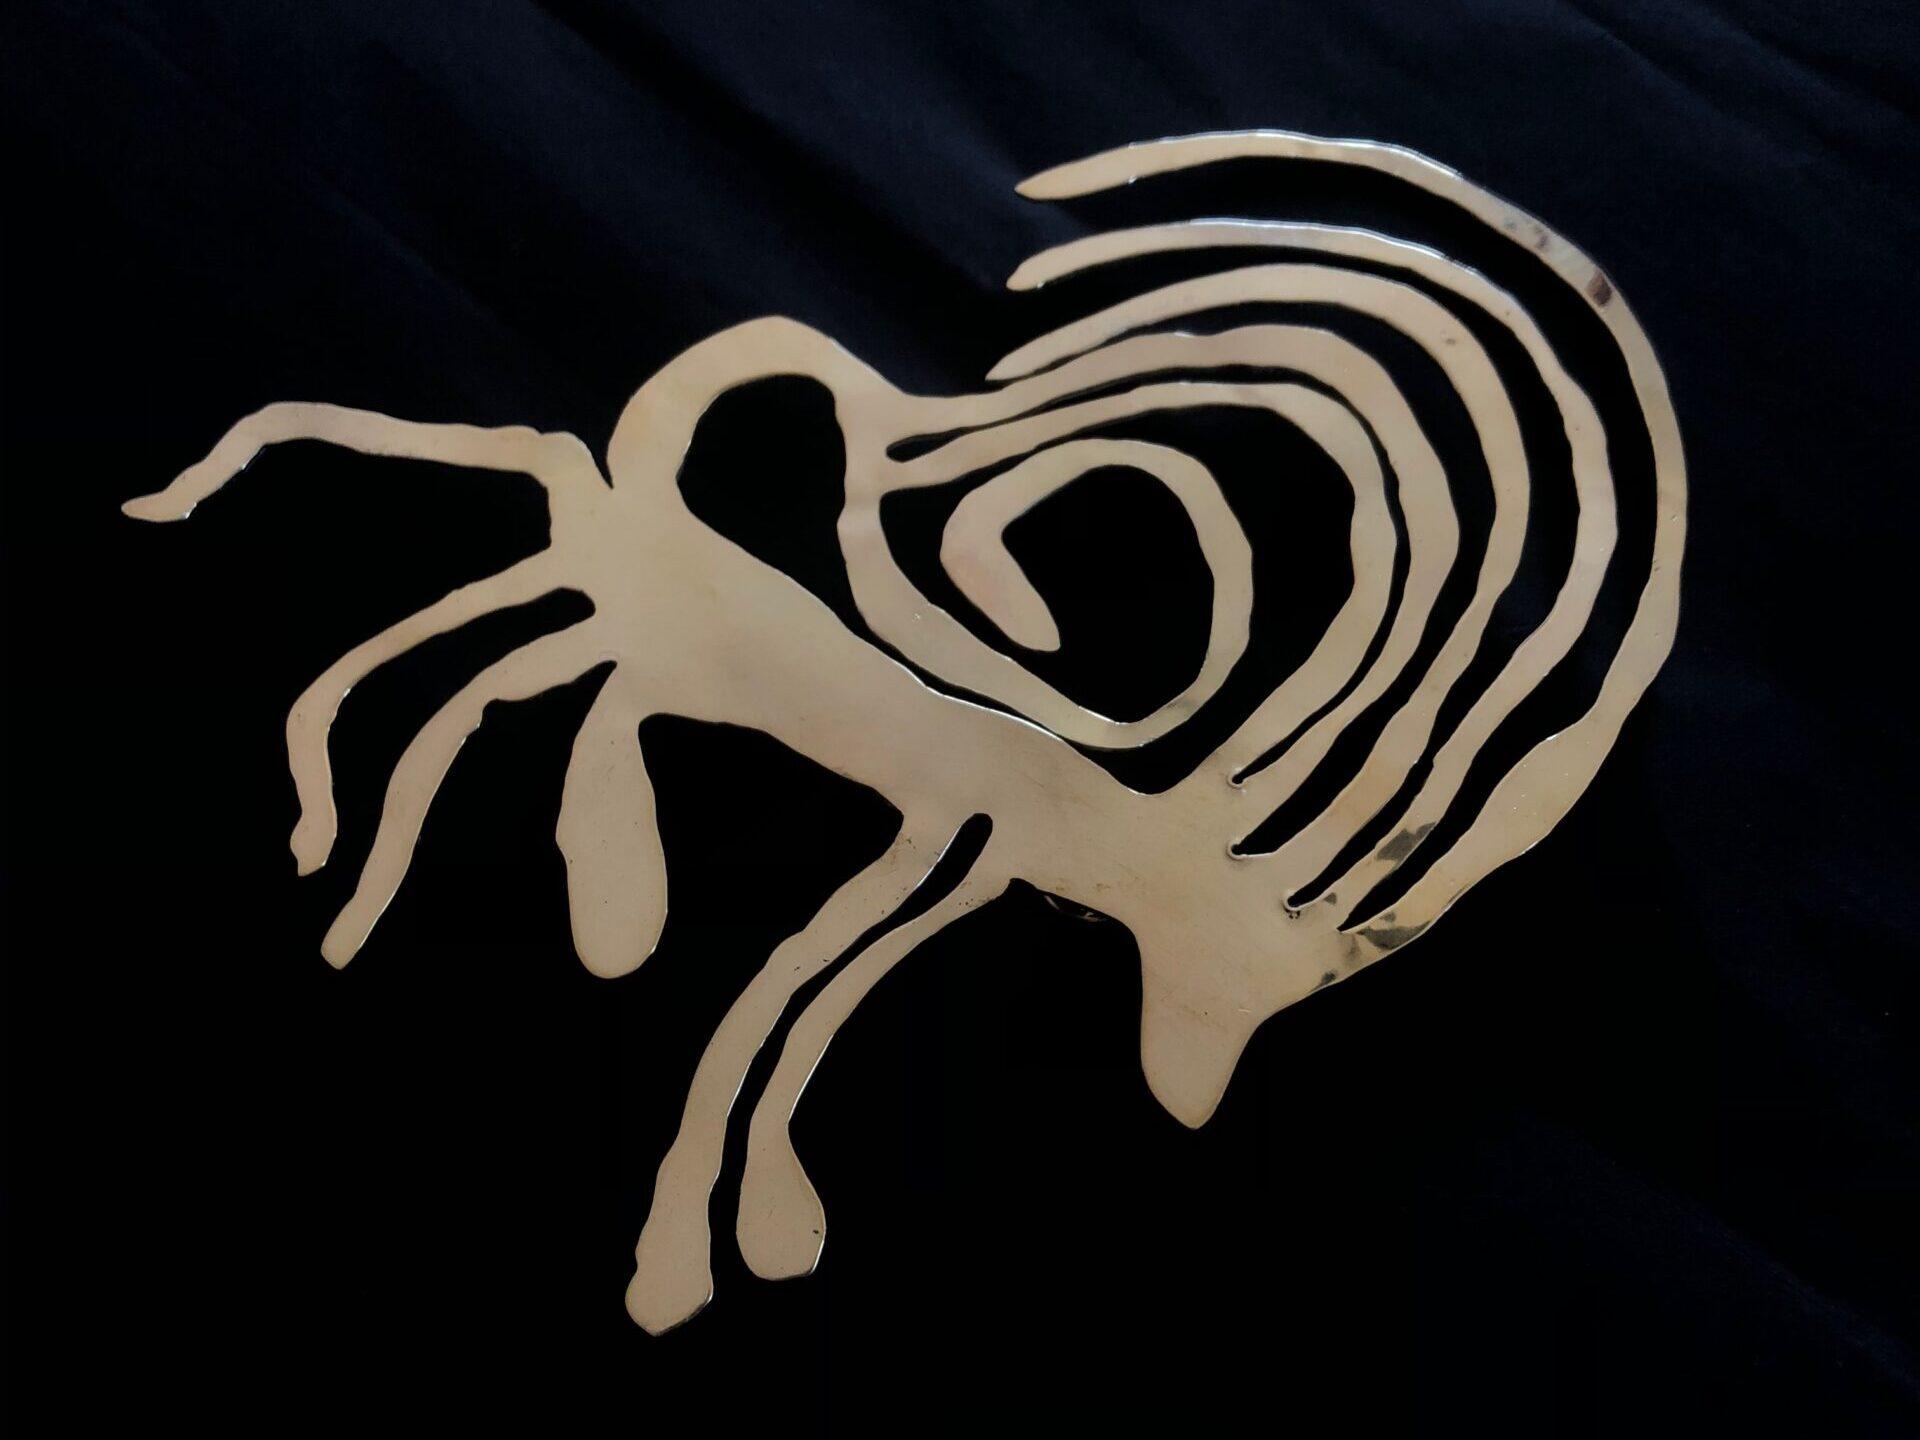 Suri x A.C.   SURI ha collaborato con Alberto Cornolò, fashion designer emergente (IUAV – Venezia) creando due gioielli per la collezione che ha sfilato durante Milano Fashion Week 2020. SURI ha realizzato due gioielli, pezzi unici, in ottone tagliato a mano e lucidato a specchio, dall'orecchino scende una cascata di perle di fiume dalle quali scaturisce un gioco di luce e movimento sul corpo di chi lo indossa.    Milano, 2020